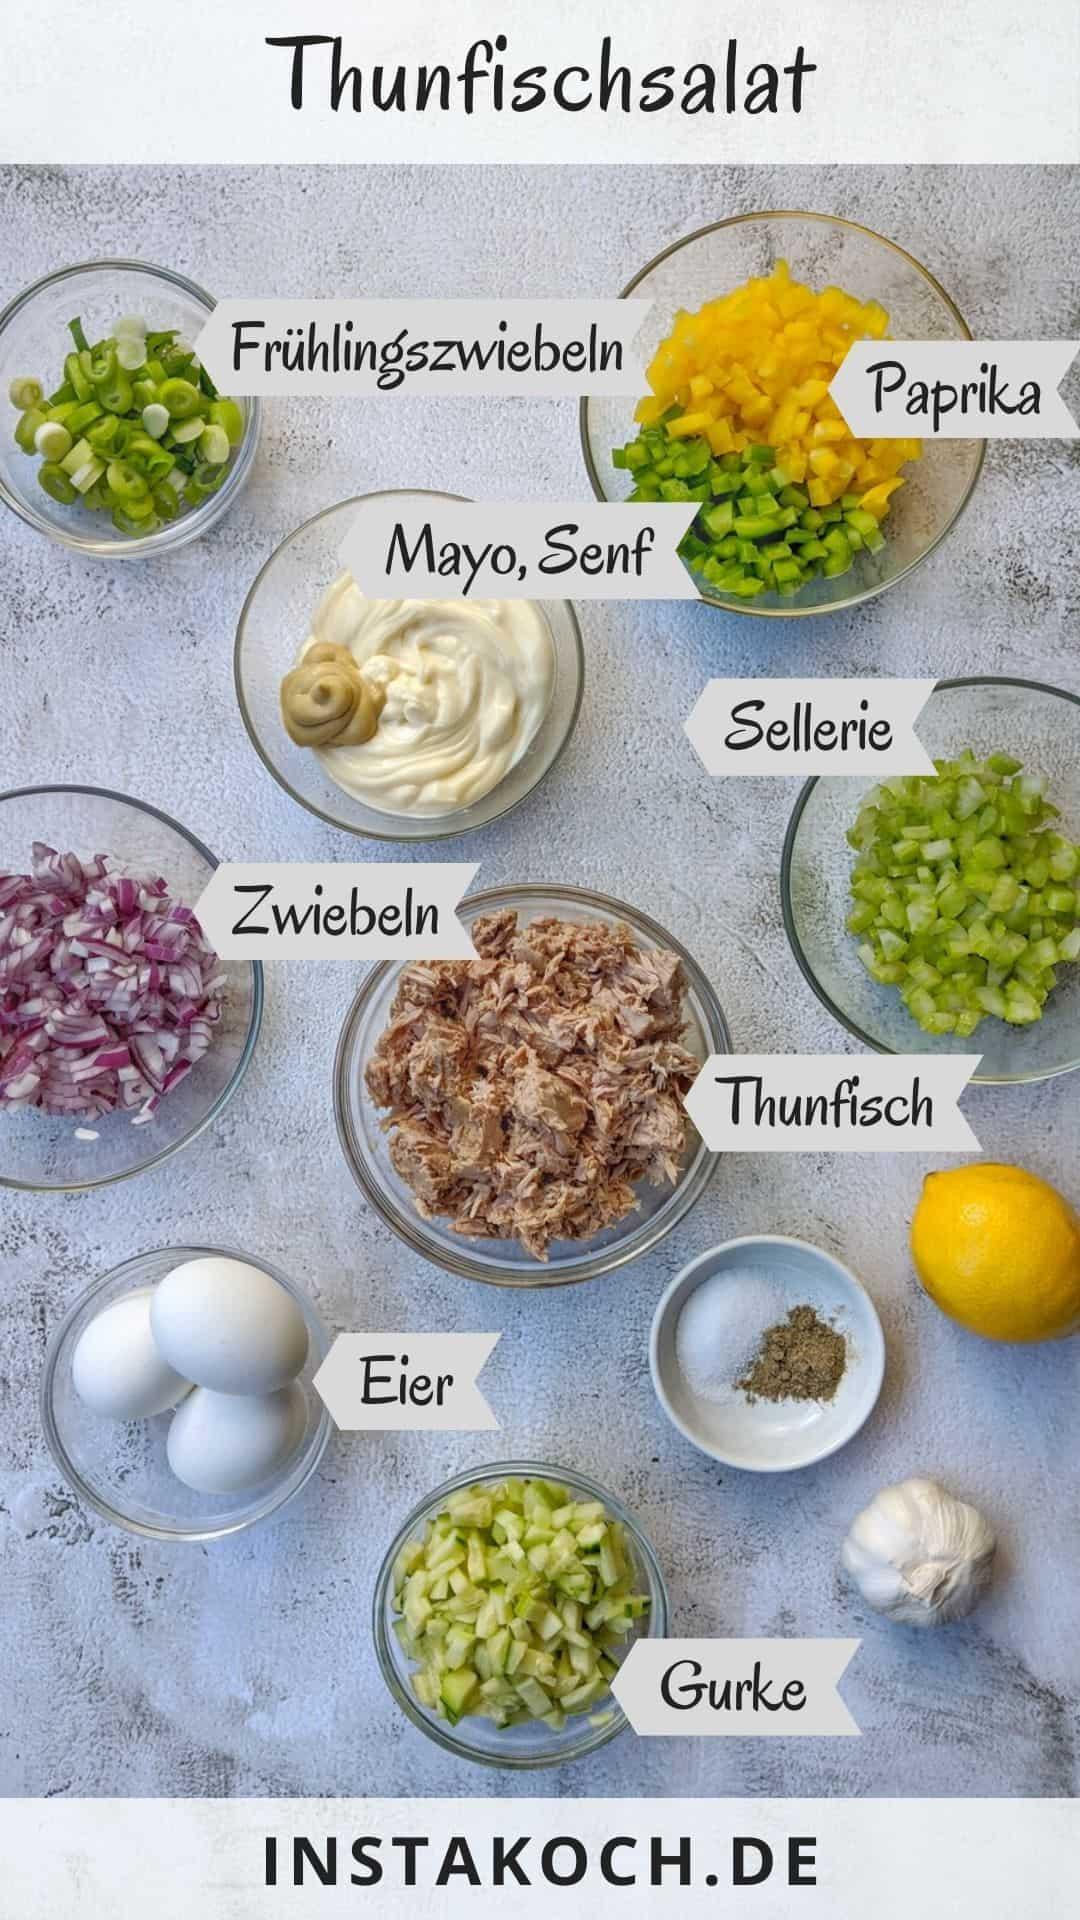 Zutaten für einen Thunfischsalat mit Beschriftung.